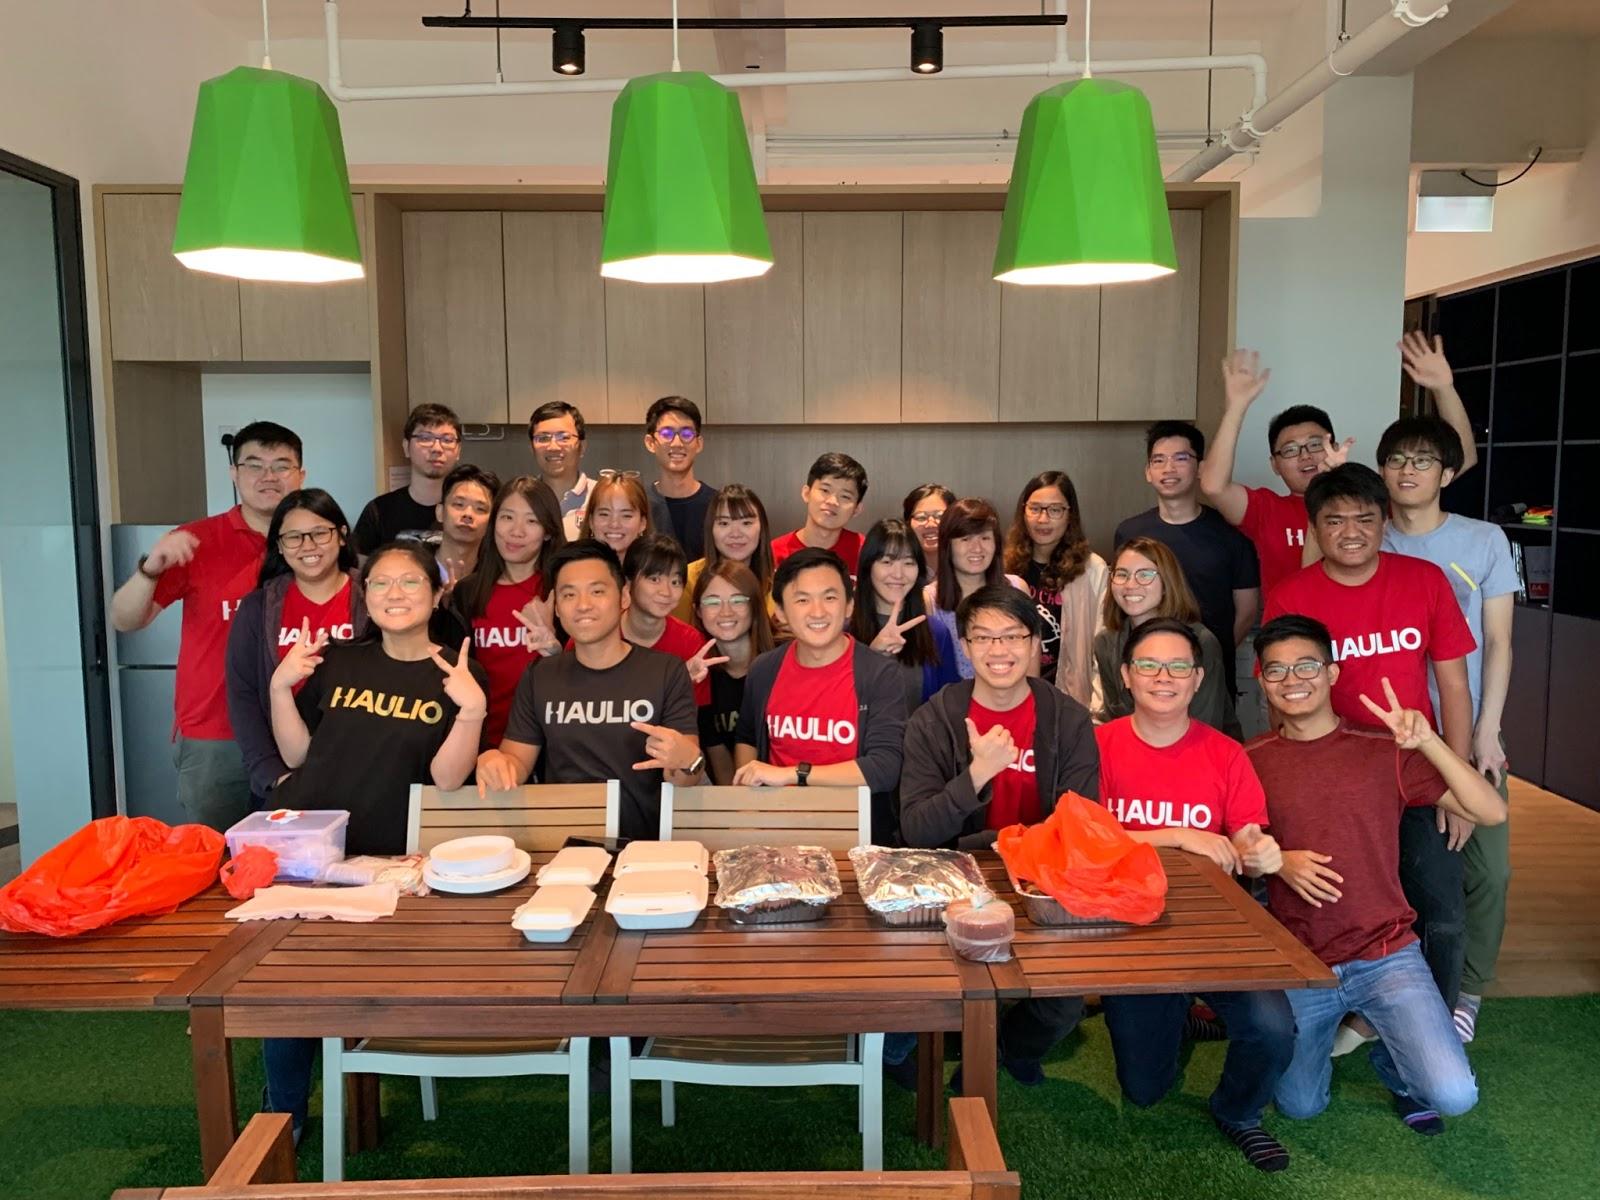 Haulio team photo